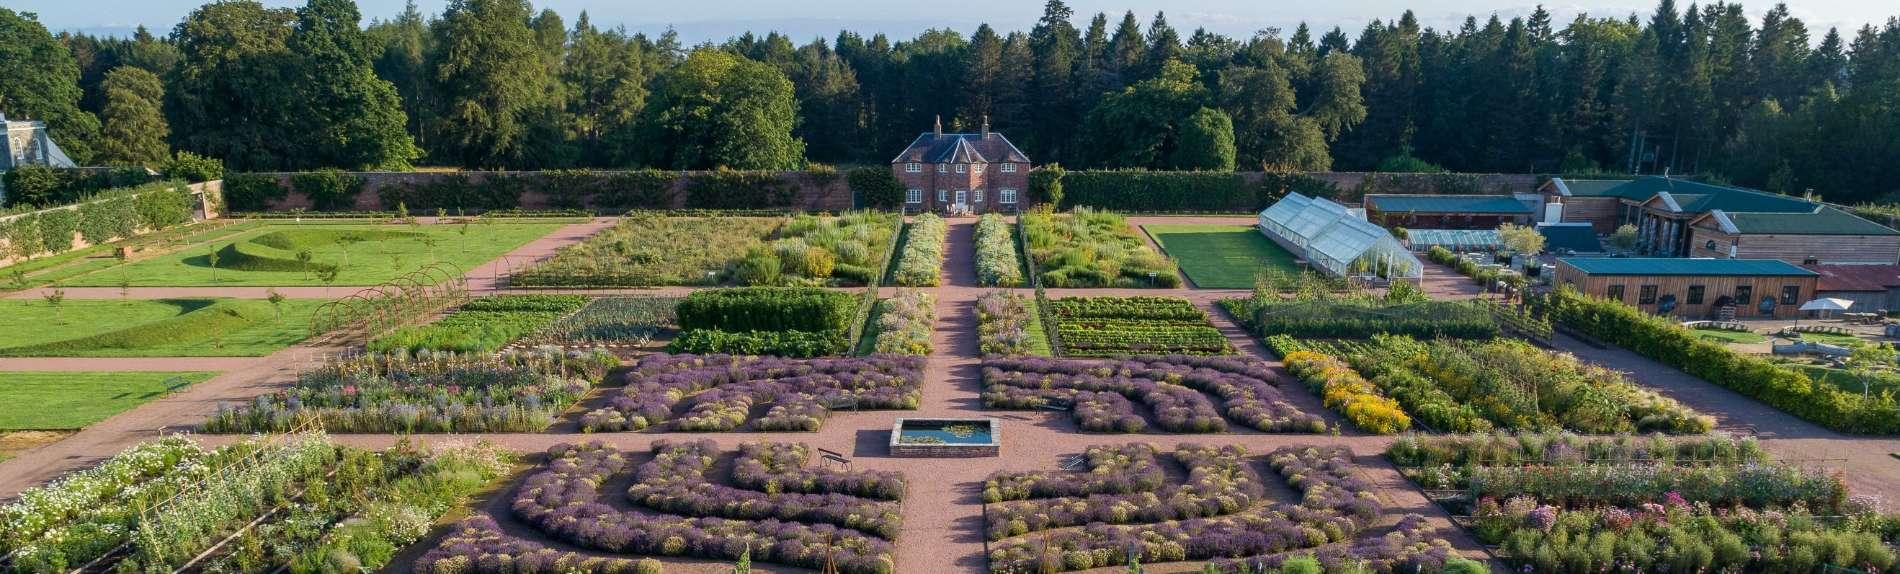 Visit Walled Garden